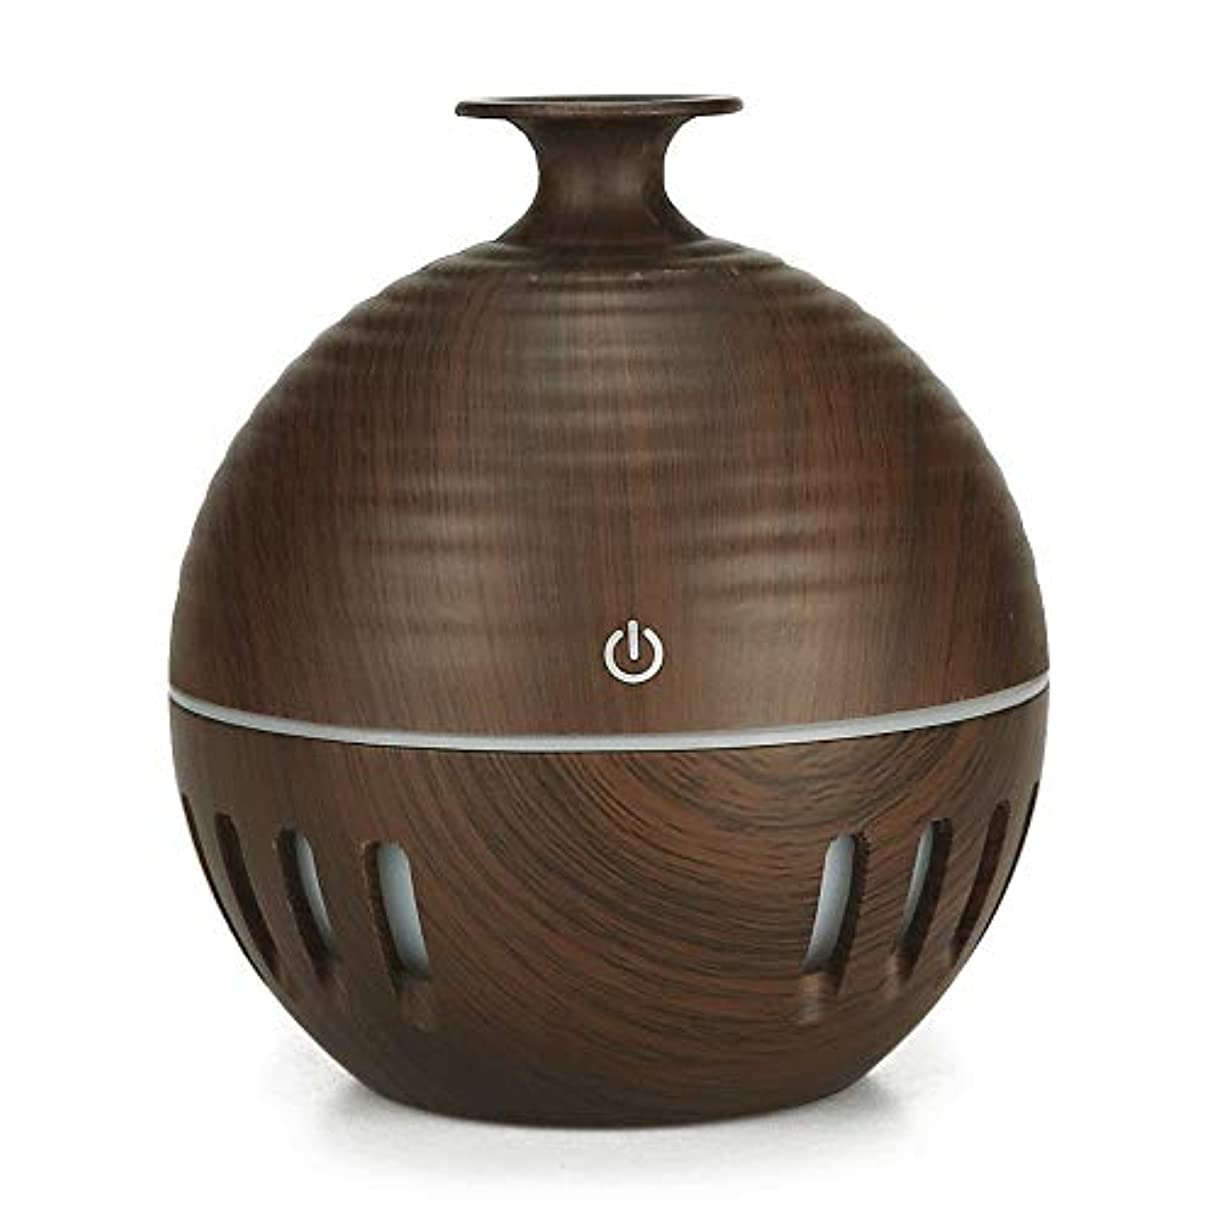 合計くぼみ挨拶ミニエッセンシャルオイルディフューザーウィスパー静かなクールミスト加湿器のためにキッズルームバスルーム利用 (Color : Deep wood grain, Size : 10×11.2)